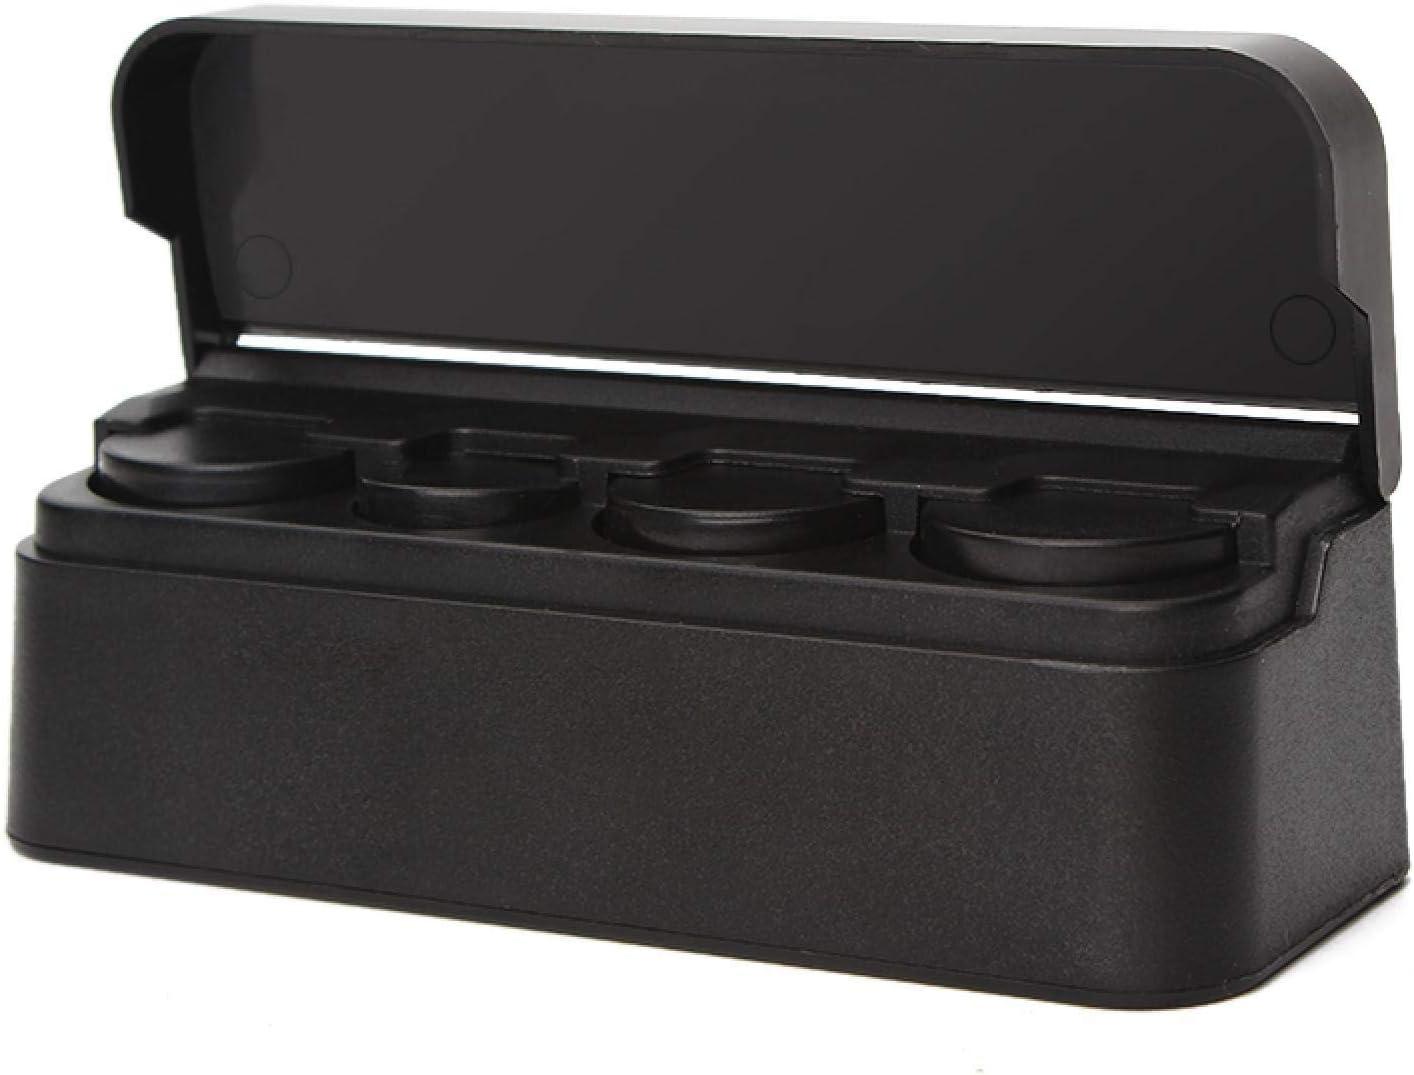 LYD Coches Orginazer Monedero Caja de Almacenamiento Contenedor de Coche Soporte de Monedas Negro Estilo Coche Accesorios Autom/óviles de Pl/ástico